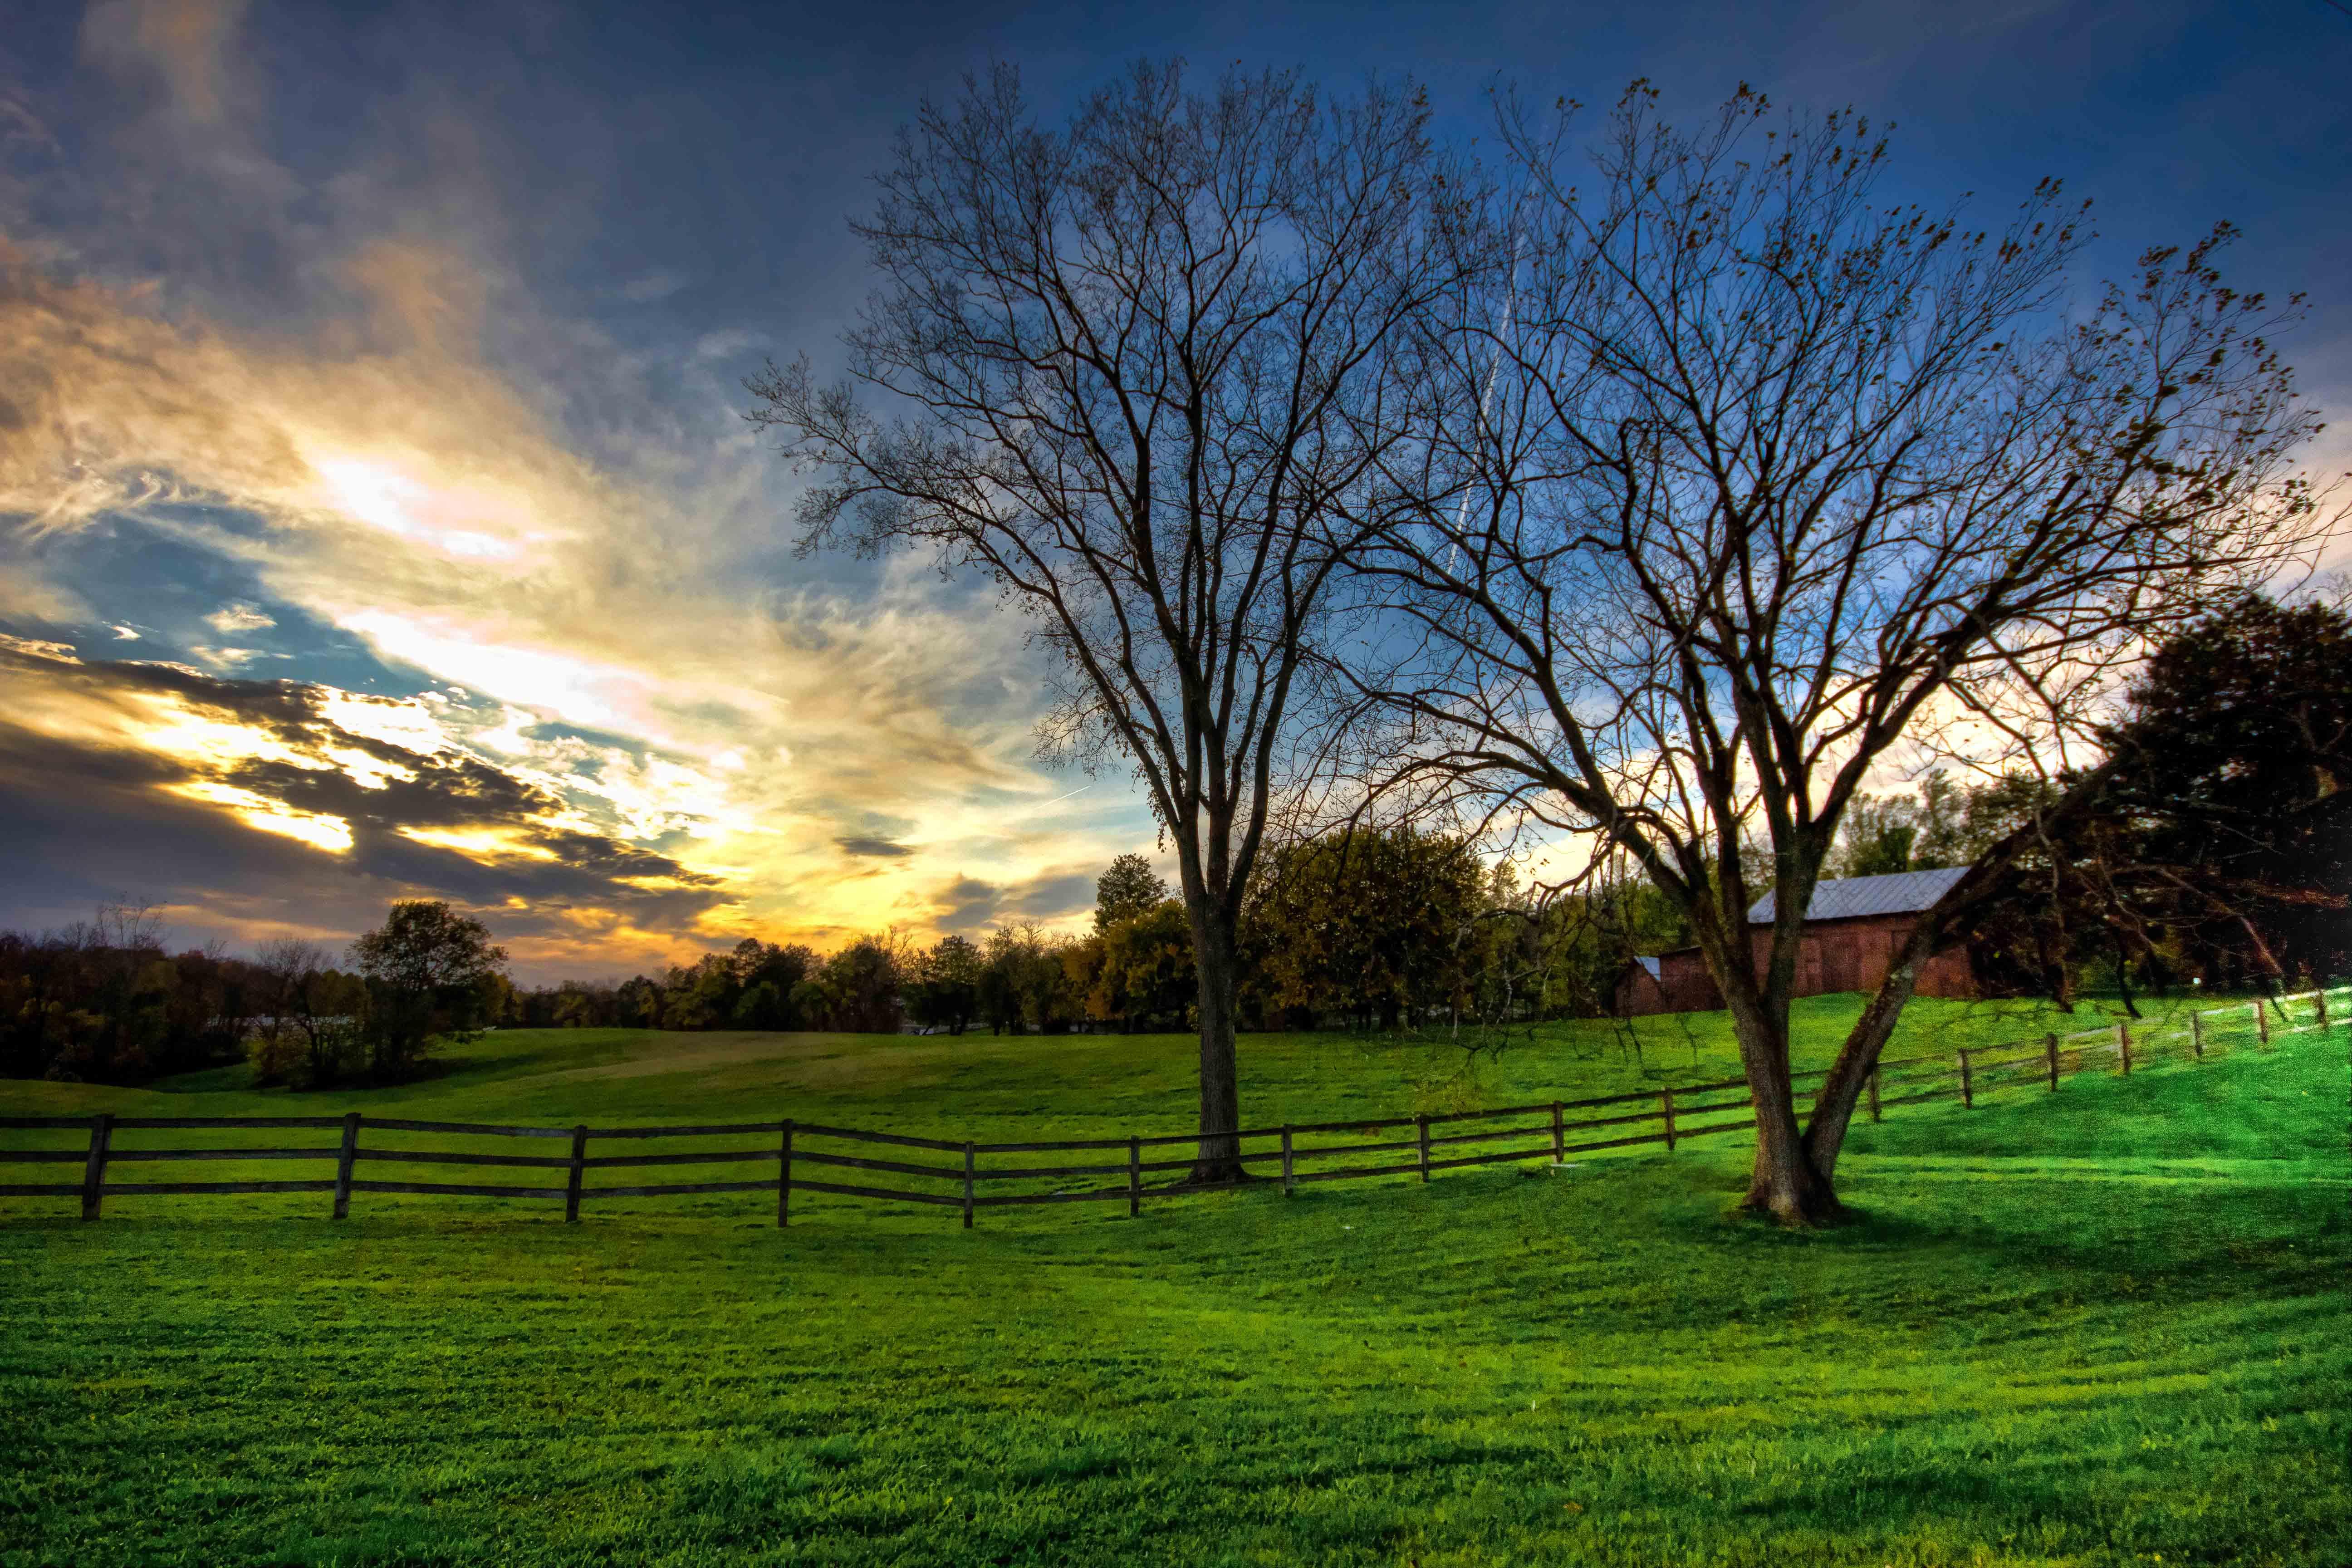 Medina County Farm